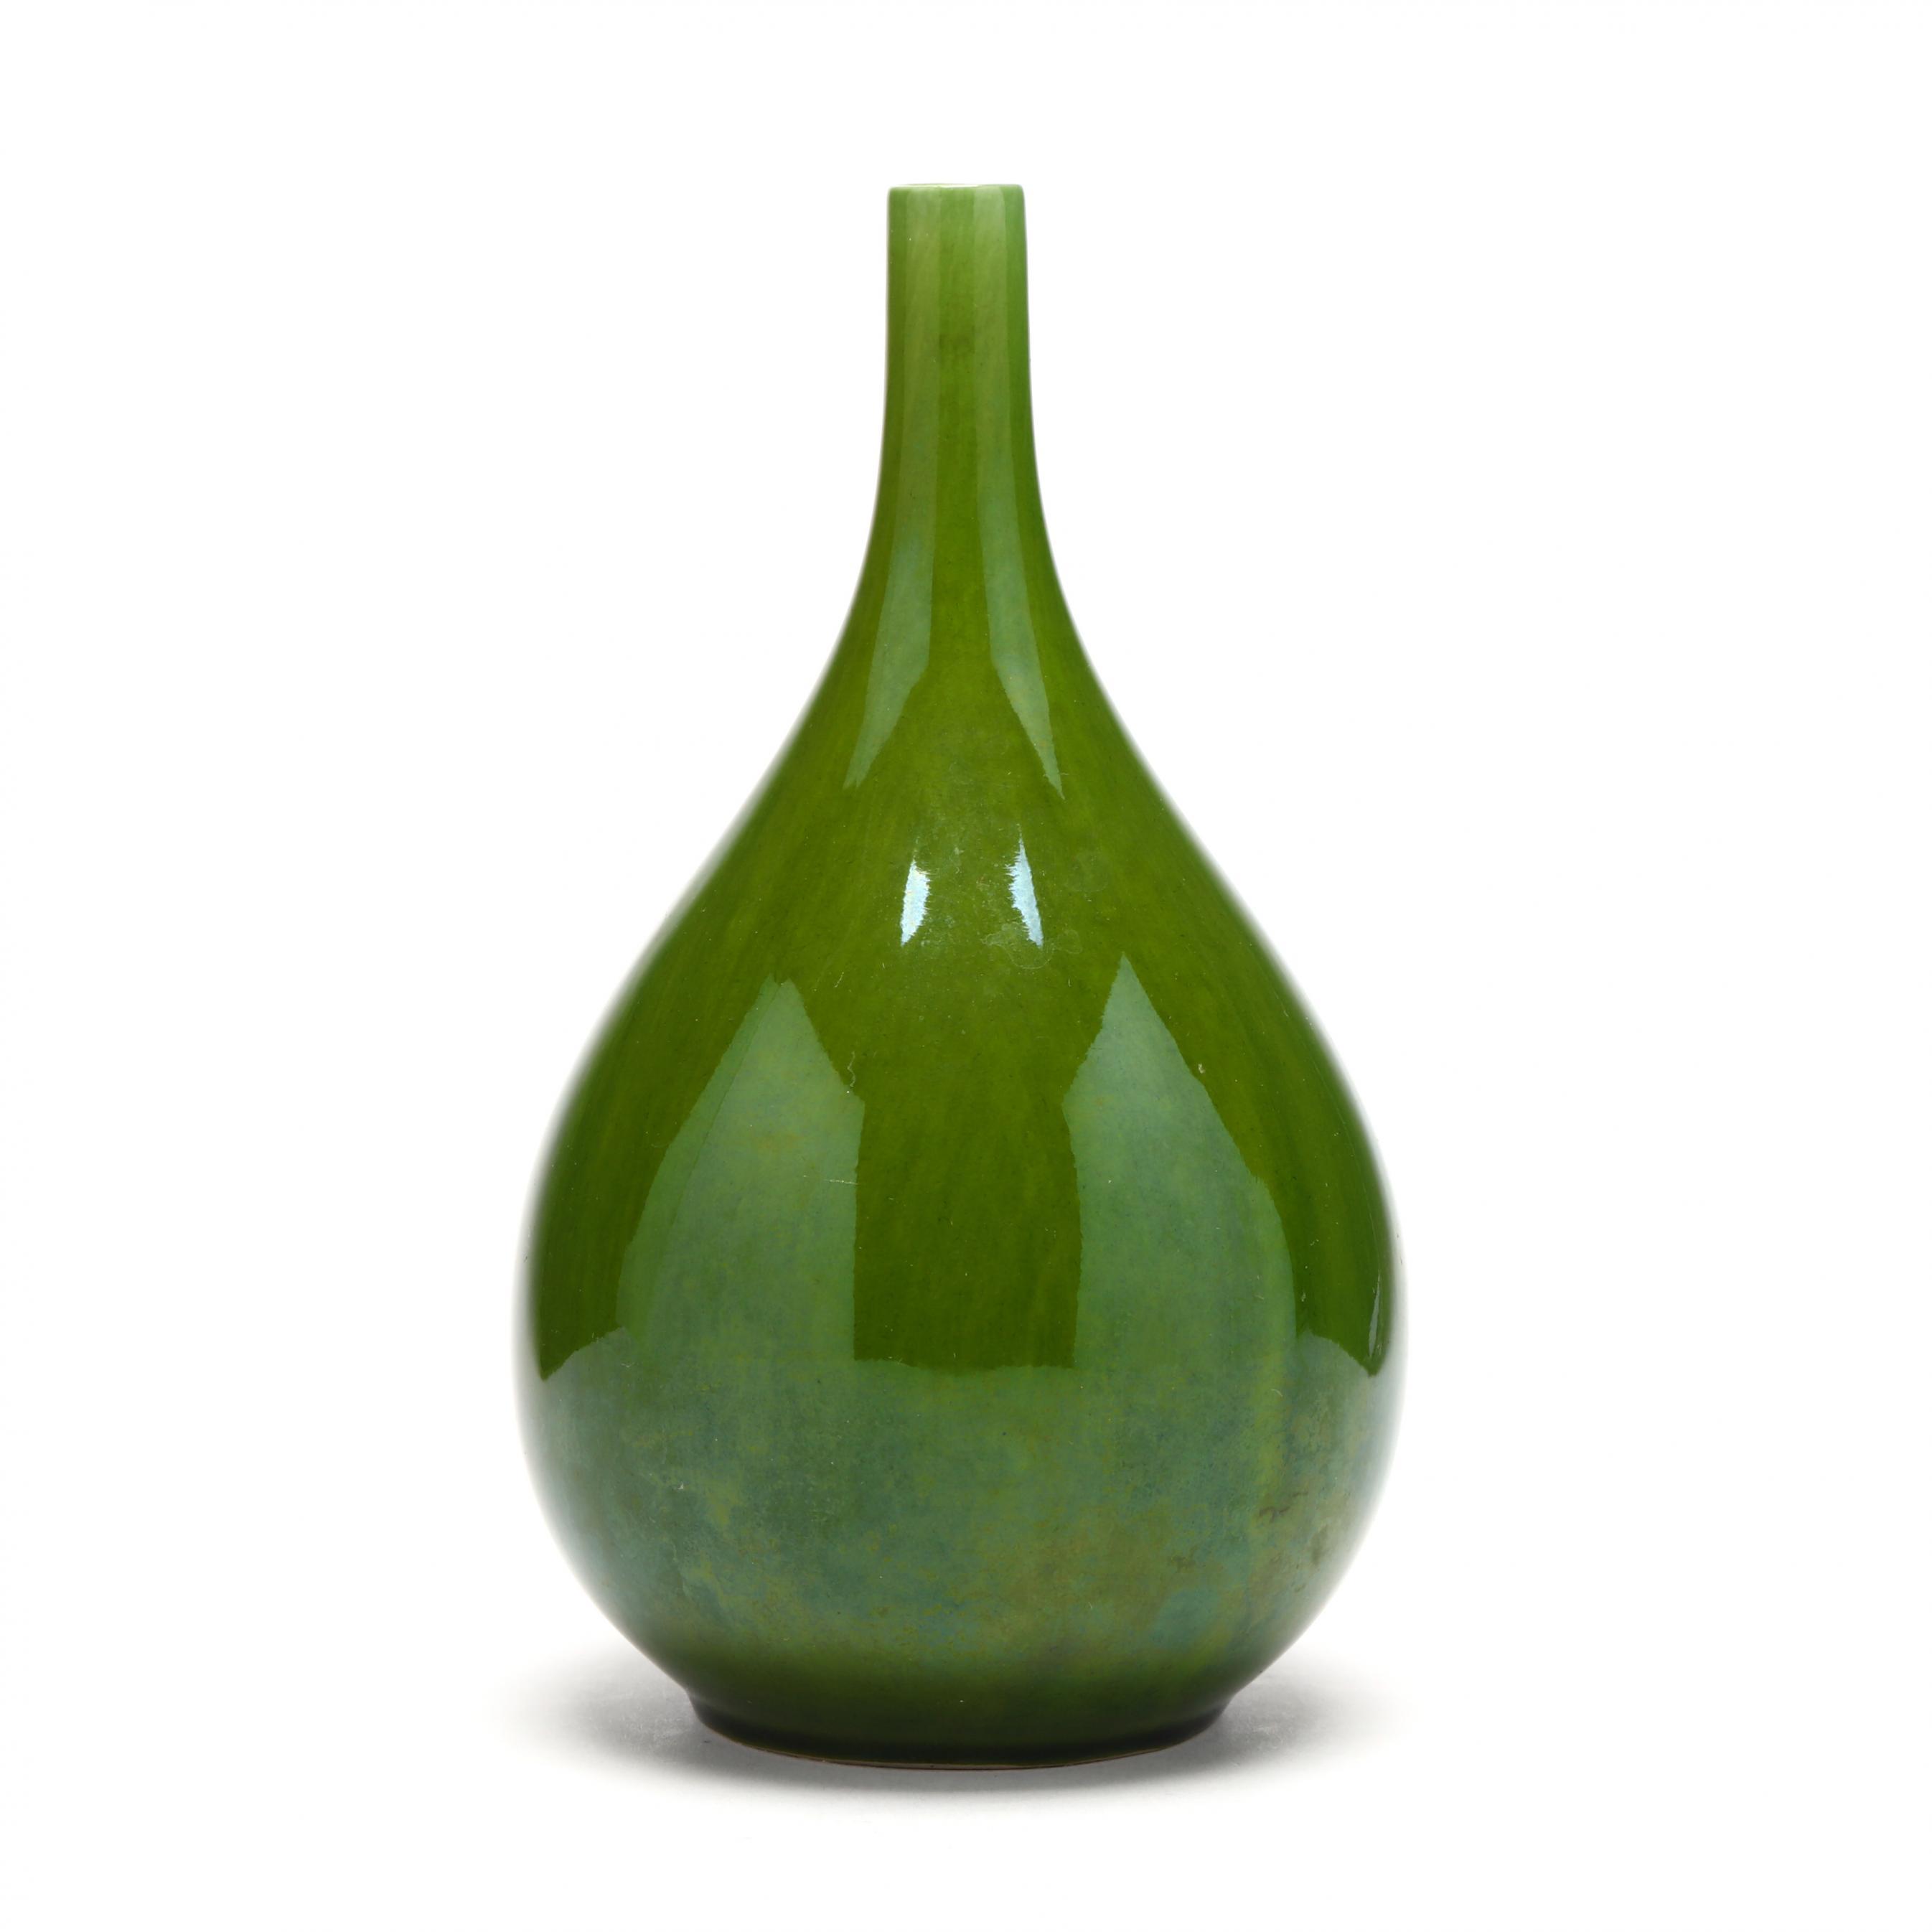 rorstrand-mid-century-pottery-cabinet-vase